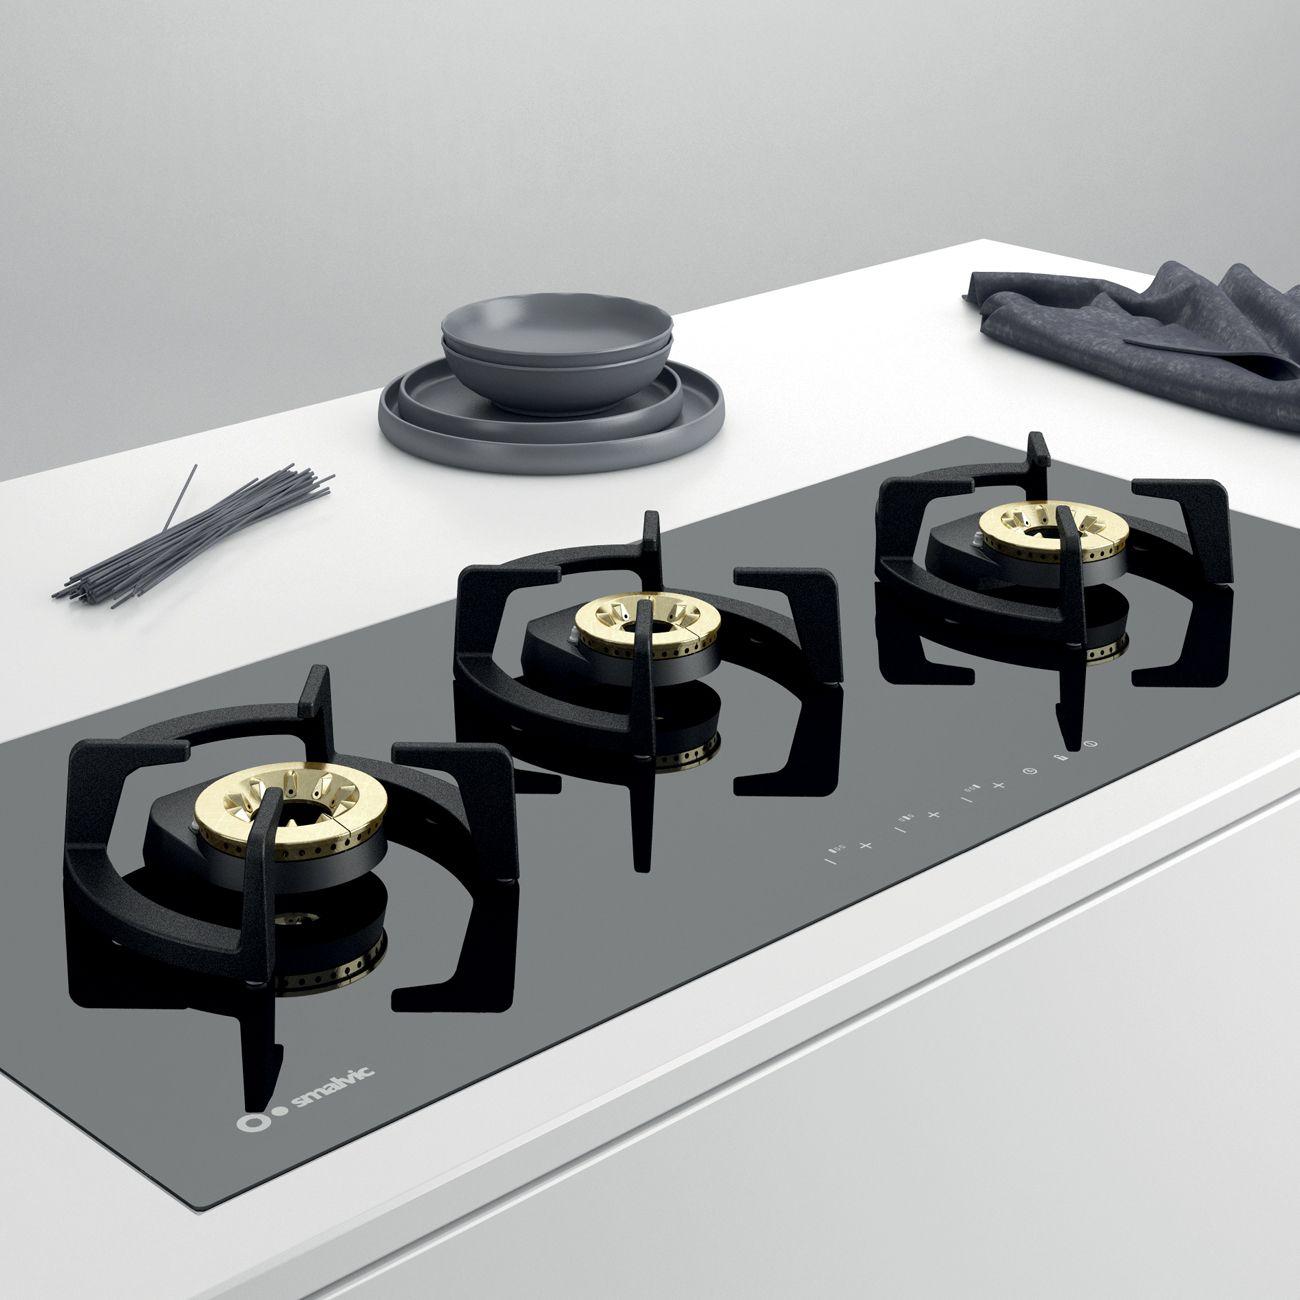 elettrodomestici smart in cucina | casa | pinterest ... - Cucina Elettrodomestico